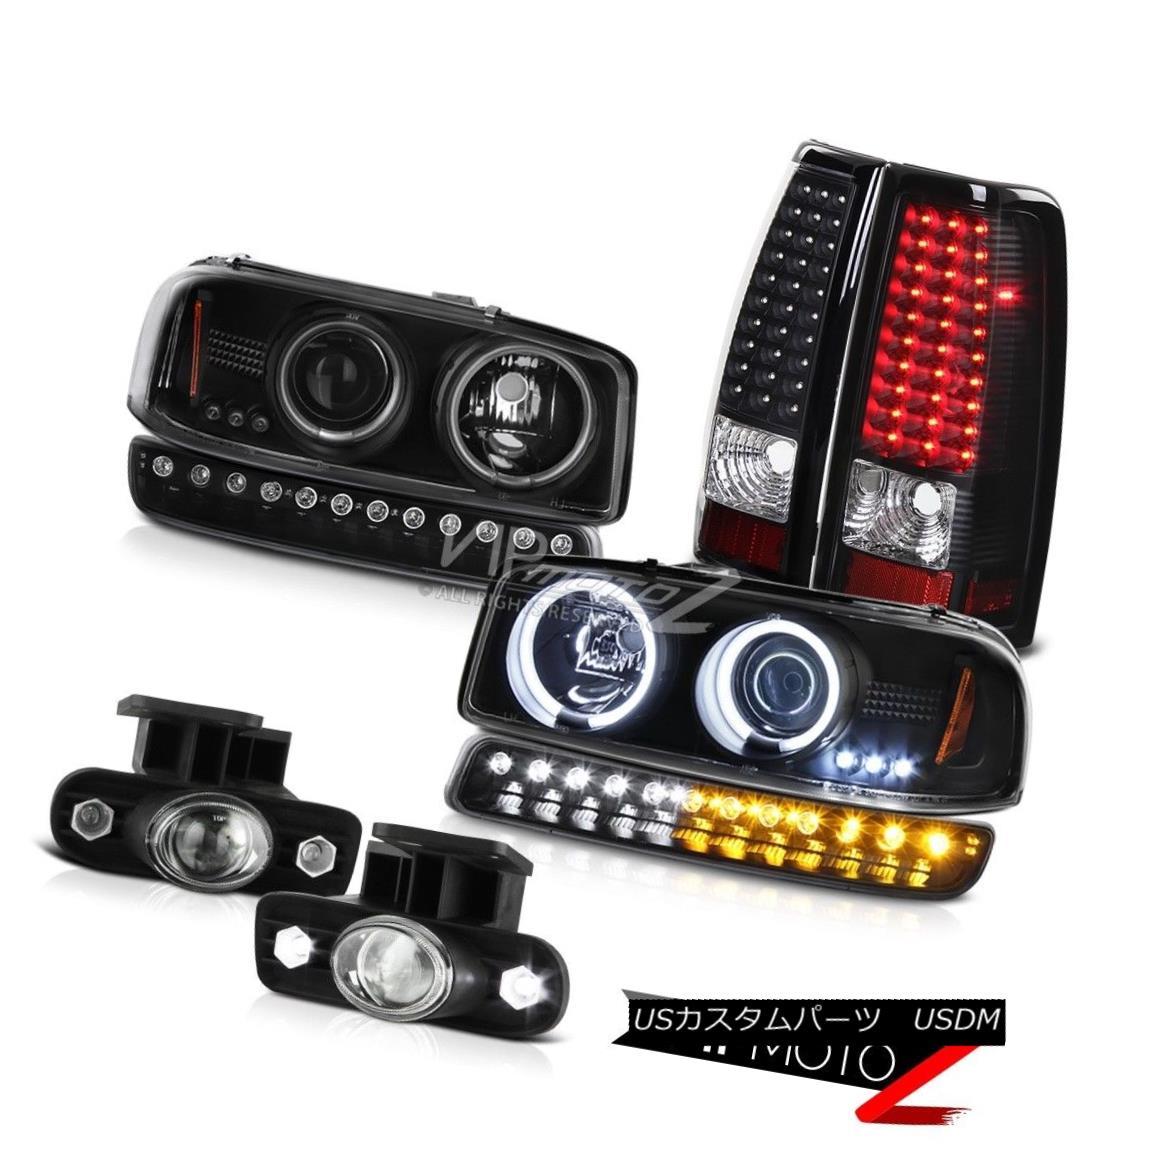 ヘッドライト 99-02 Sierra 6.6L Fog lamps led taillamps signal light ccfl projector headlamps 99-02 Sierra 6.6Lフォグランプは、テールランプ信号ライトccflプロジェクターヘッドライトを導いた